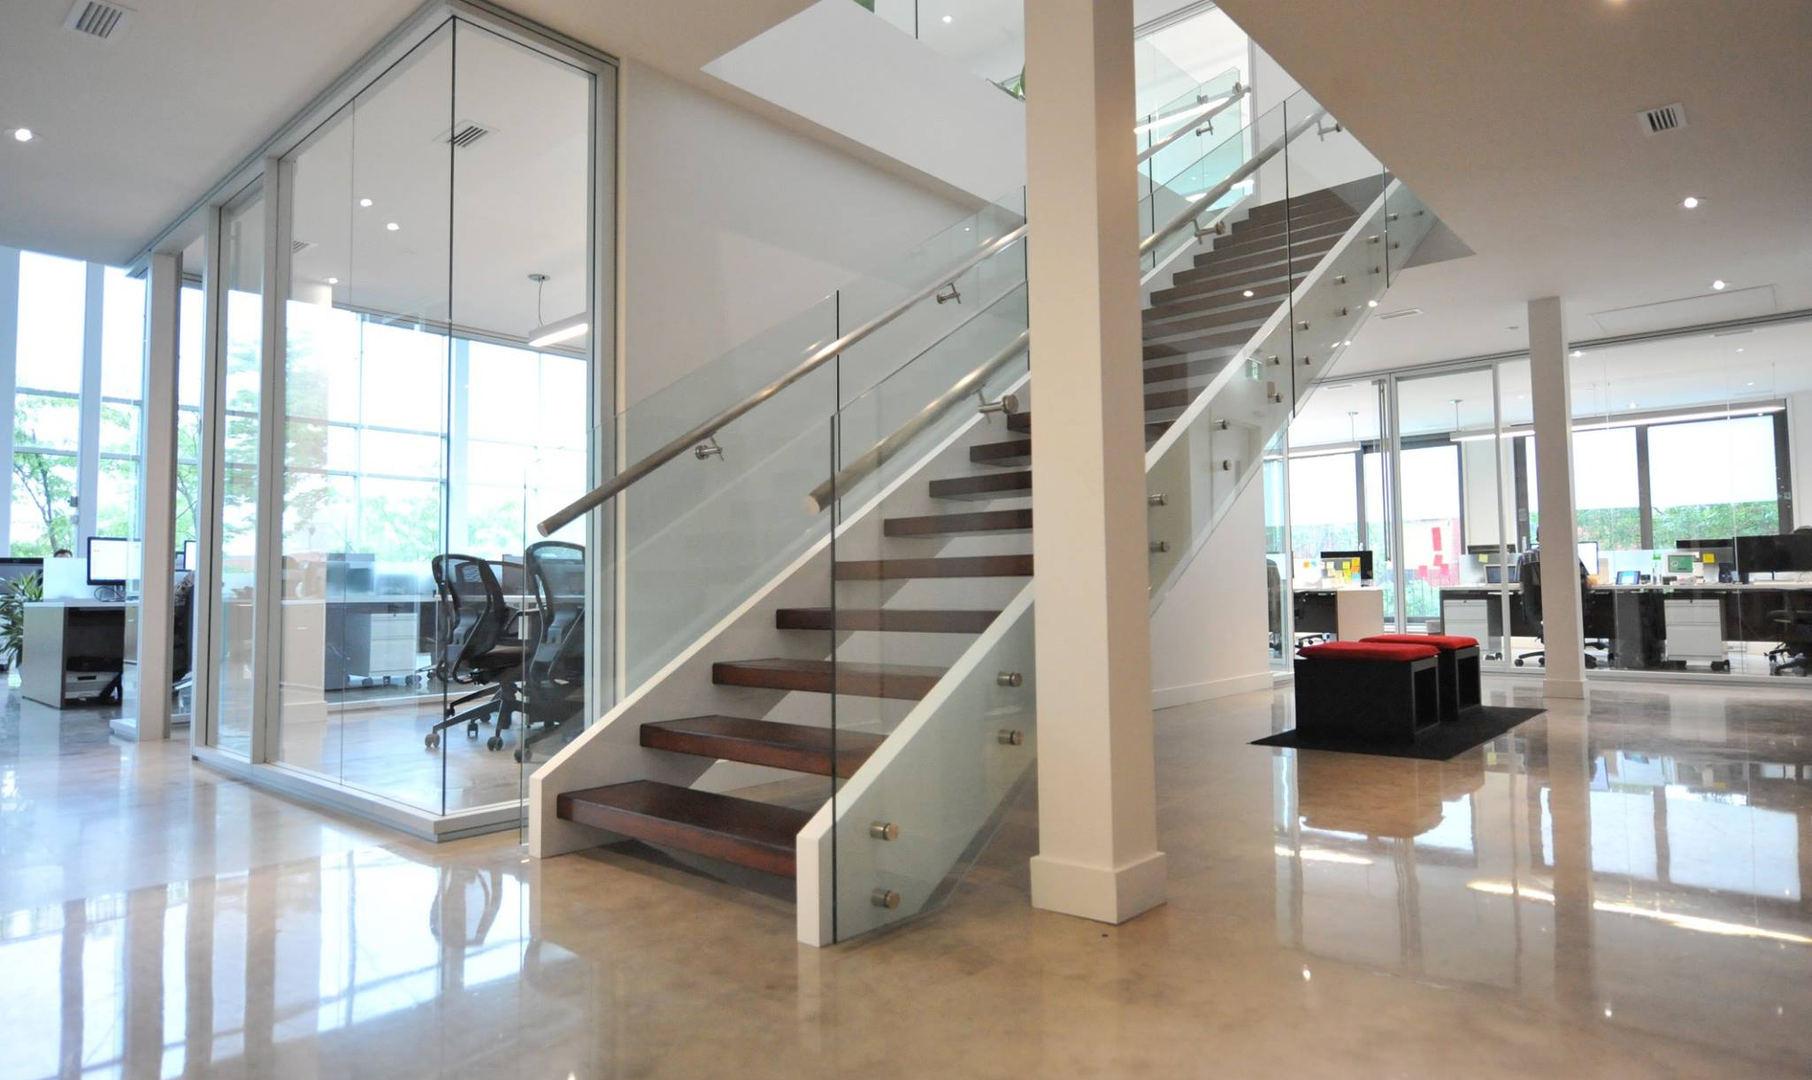 Escalier bois moderne frene 6.jpg